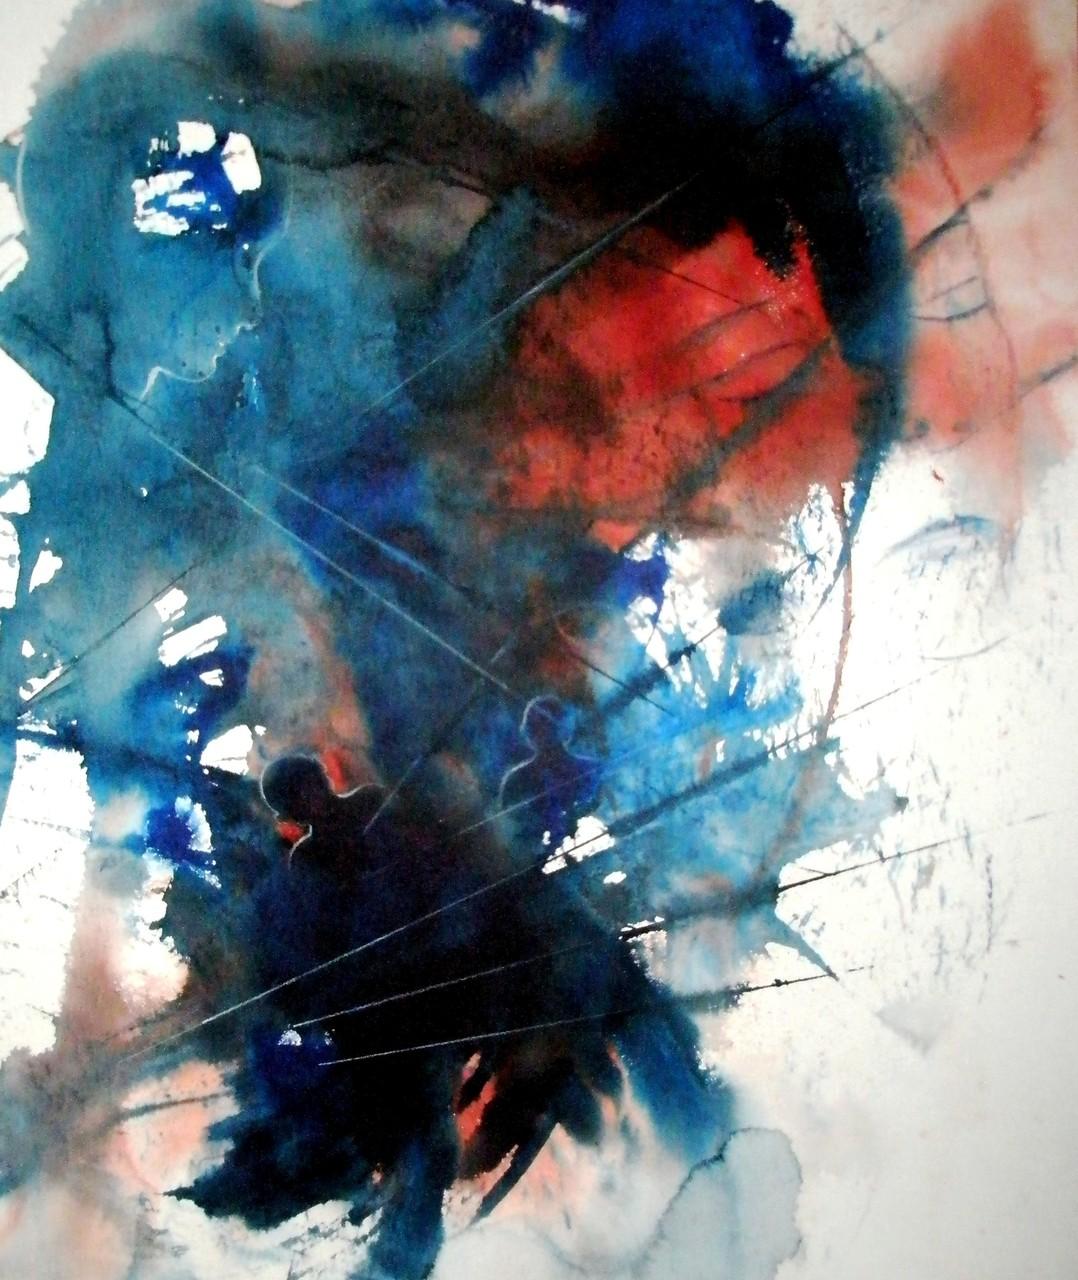 """ART HFrei - """"Im Sog der Erinnerung"""" - Aquarell - 2012"""